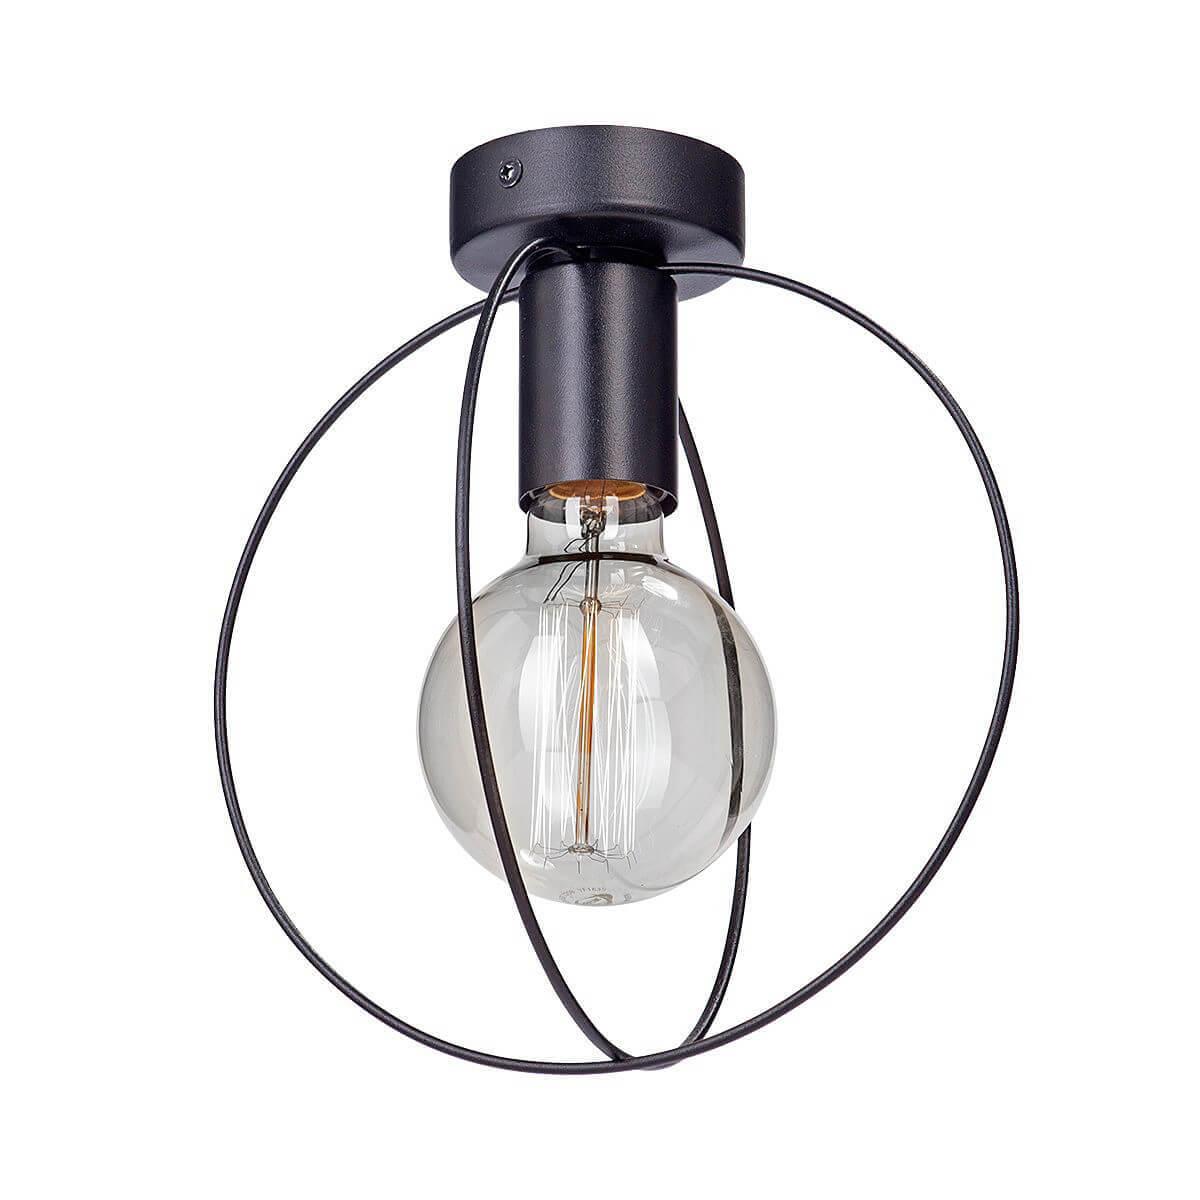 Потолочный светильник Vitaluce V4328-1/1PL цены